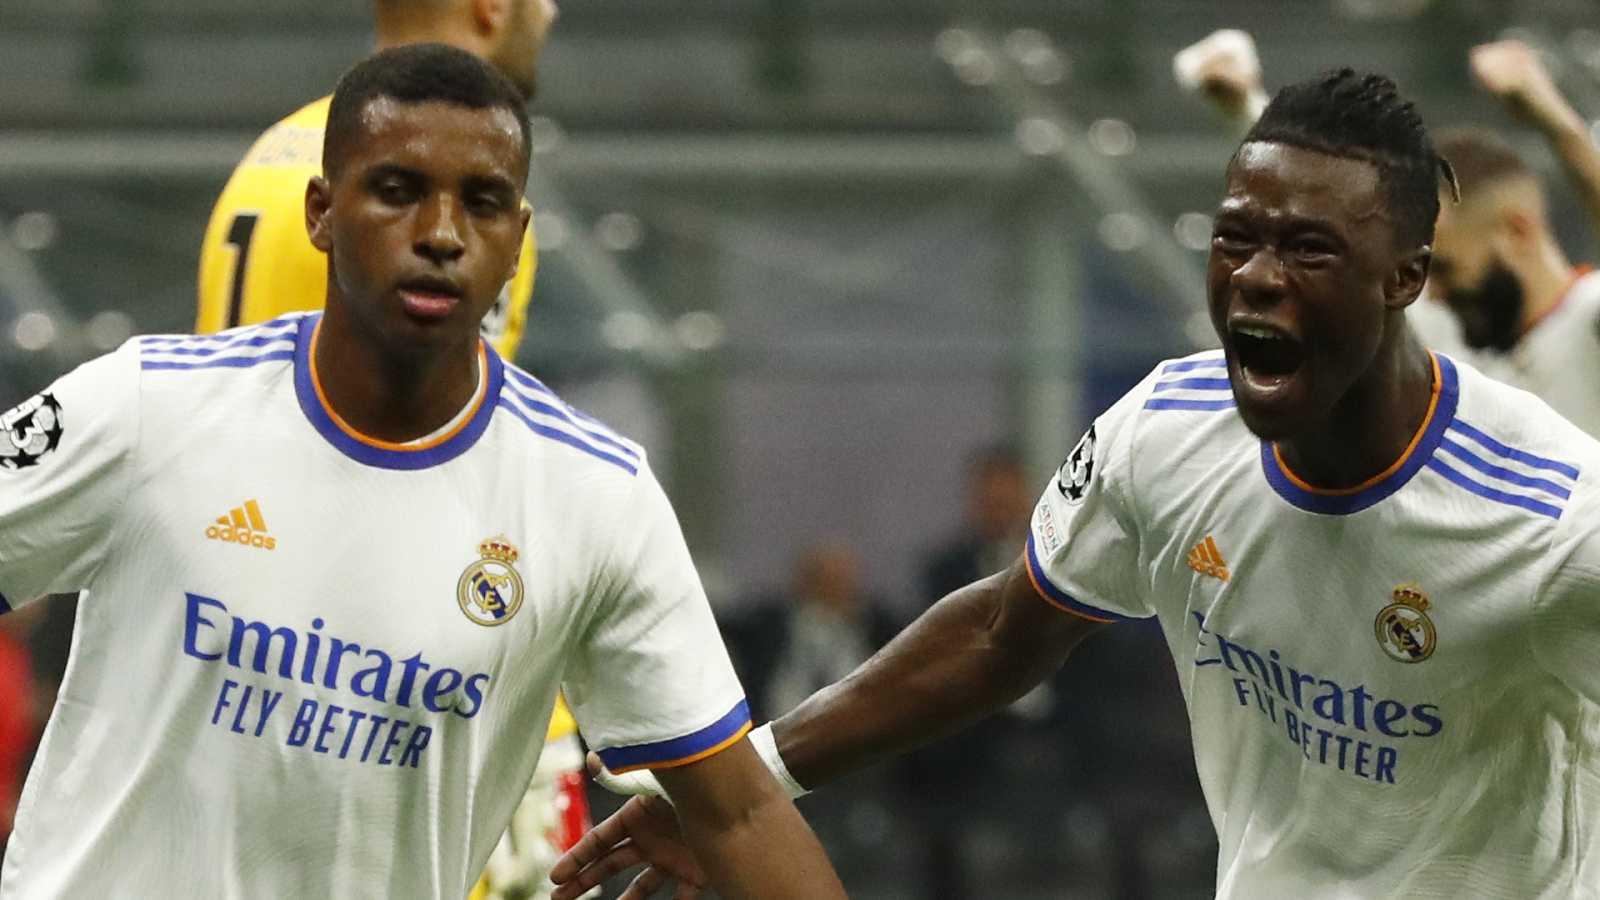 Tablero deportivo - Solo el Real Madrid gana en la Champions - Escuchar ahora